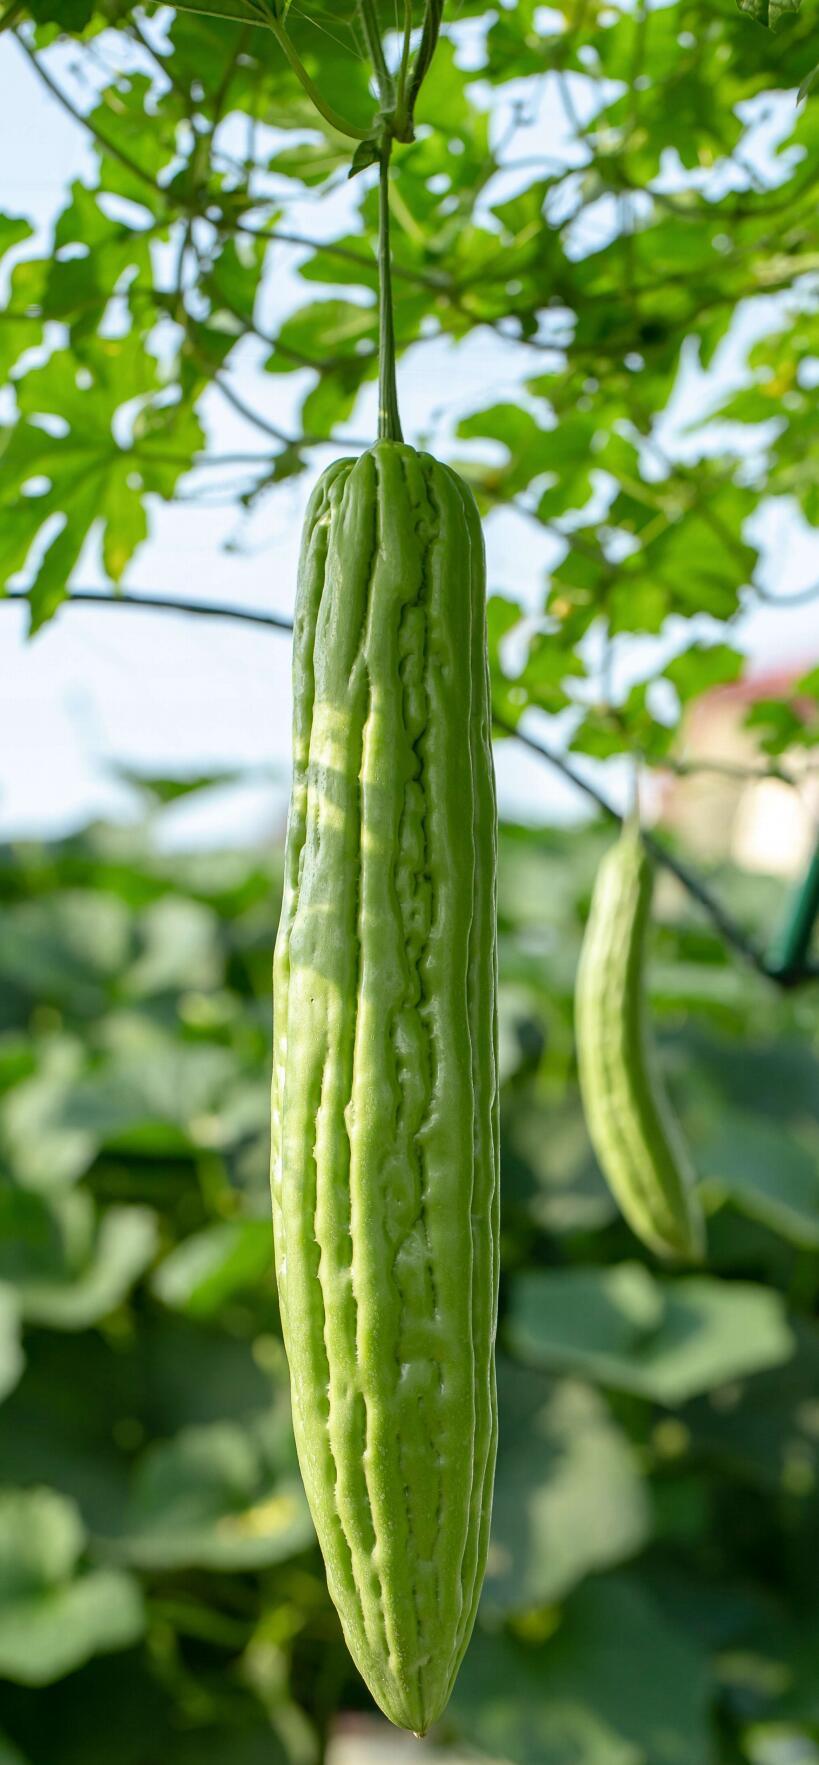 钼对作物有哪些营养作用?作物缺钼有何症状?